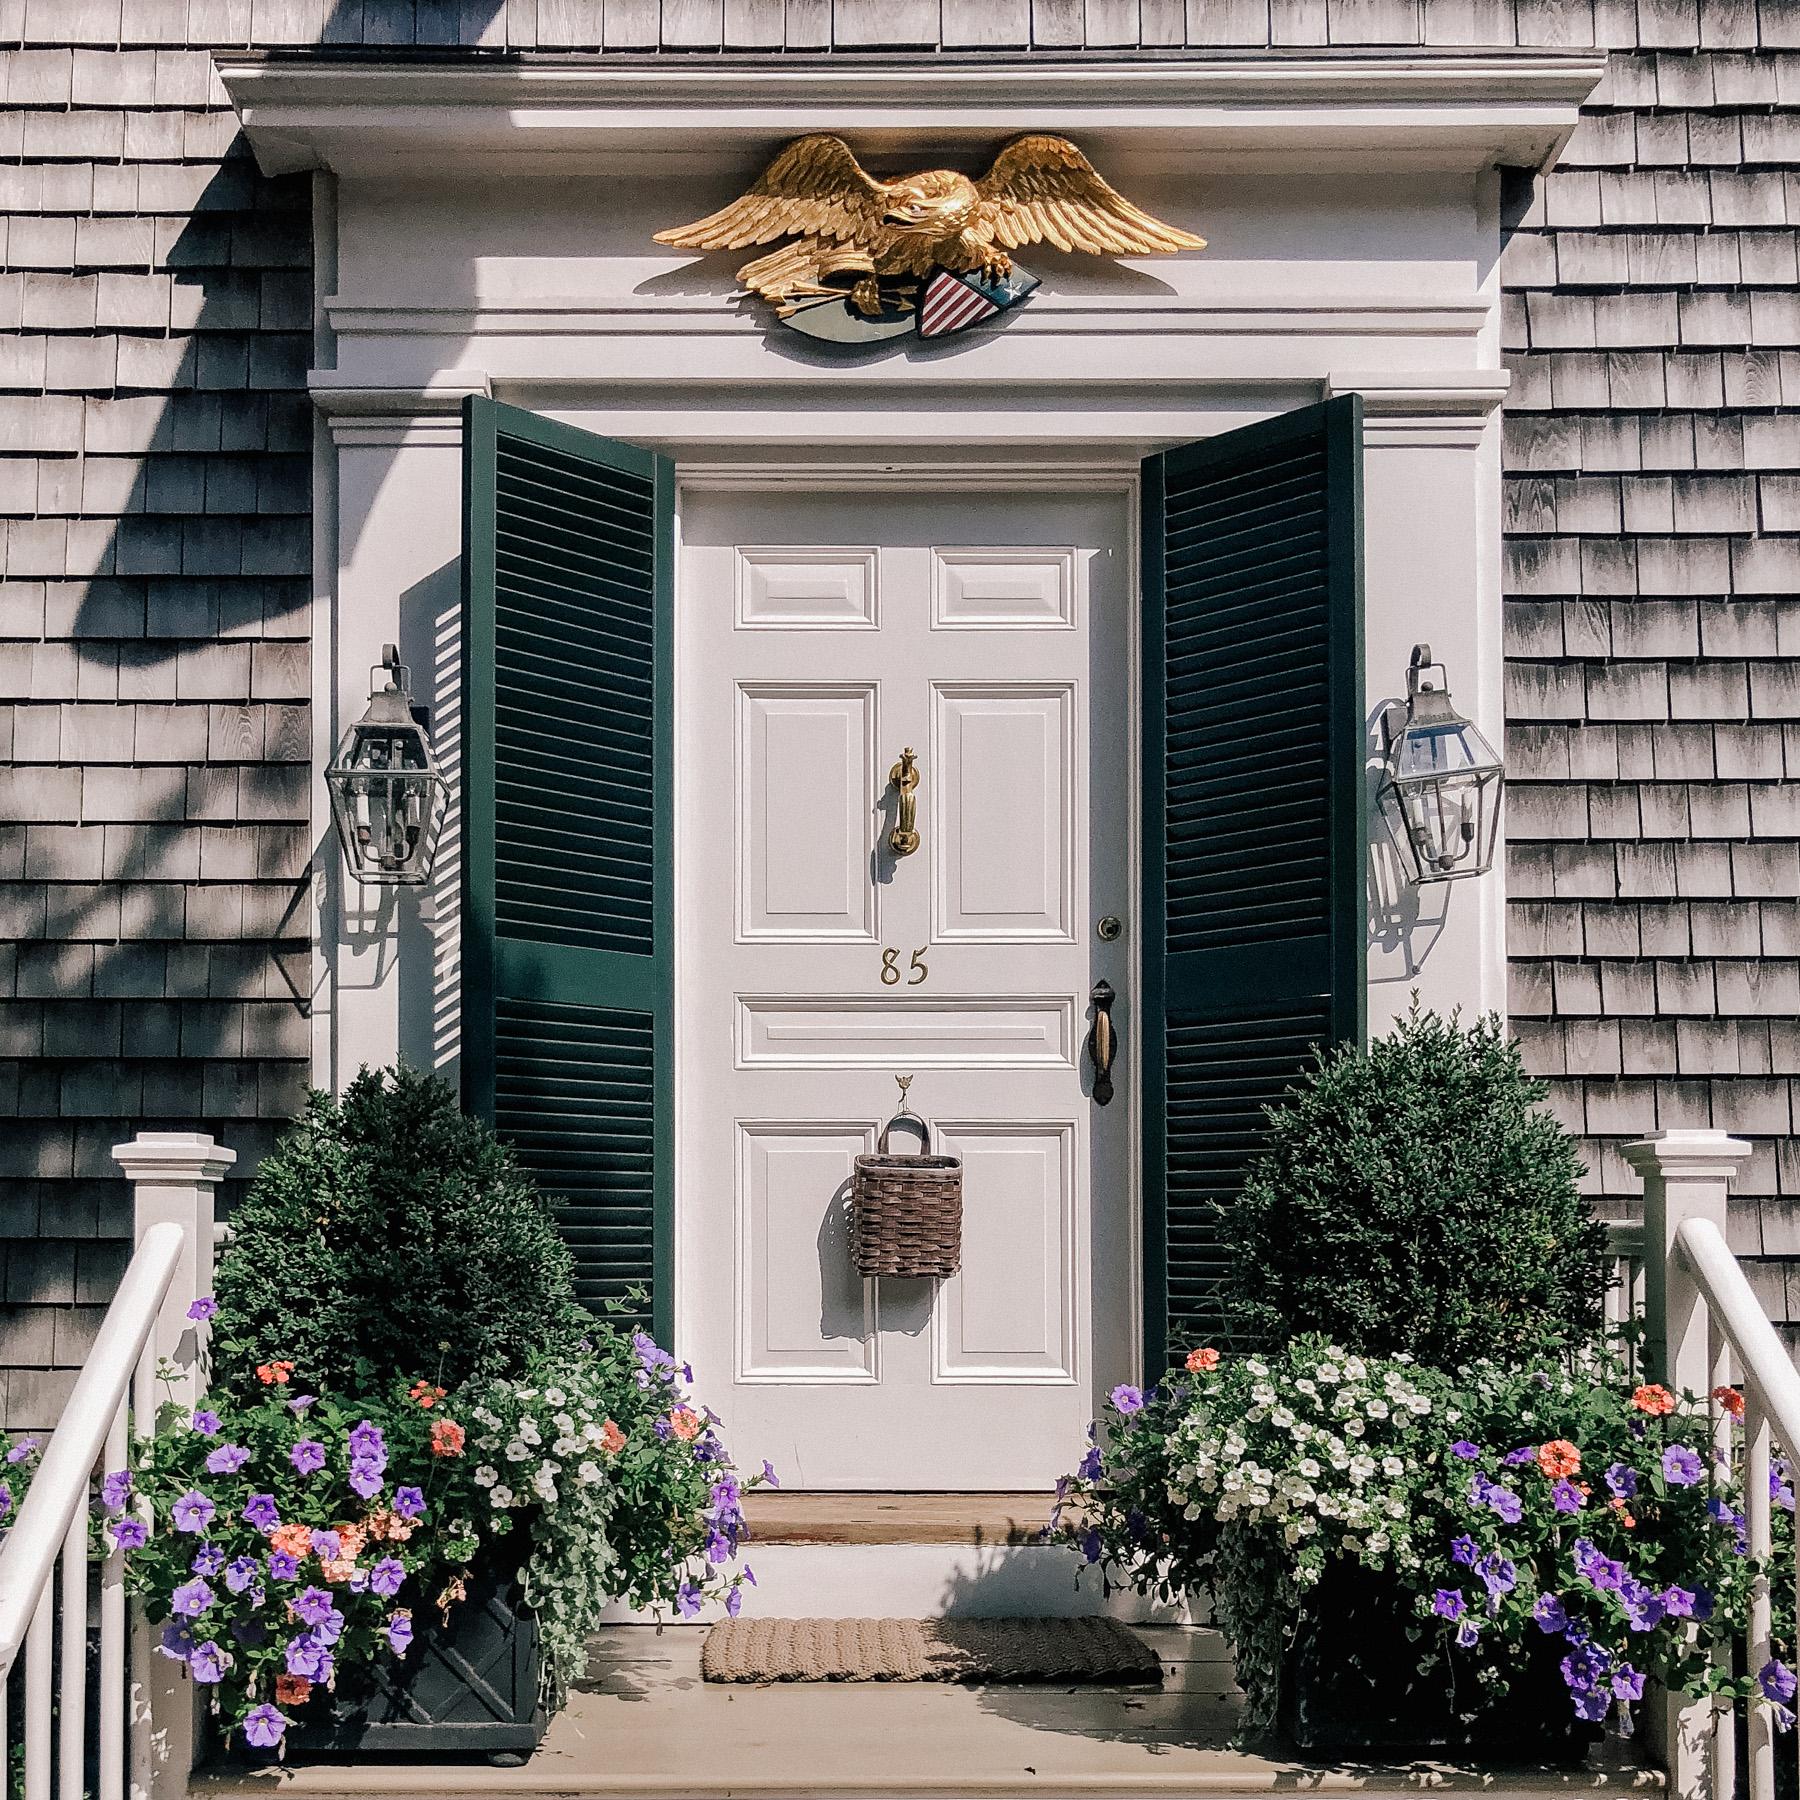 Nantucket House by Kelly Larkin